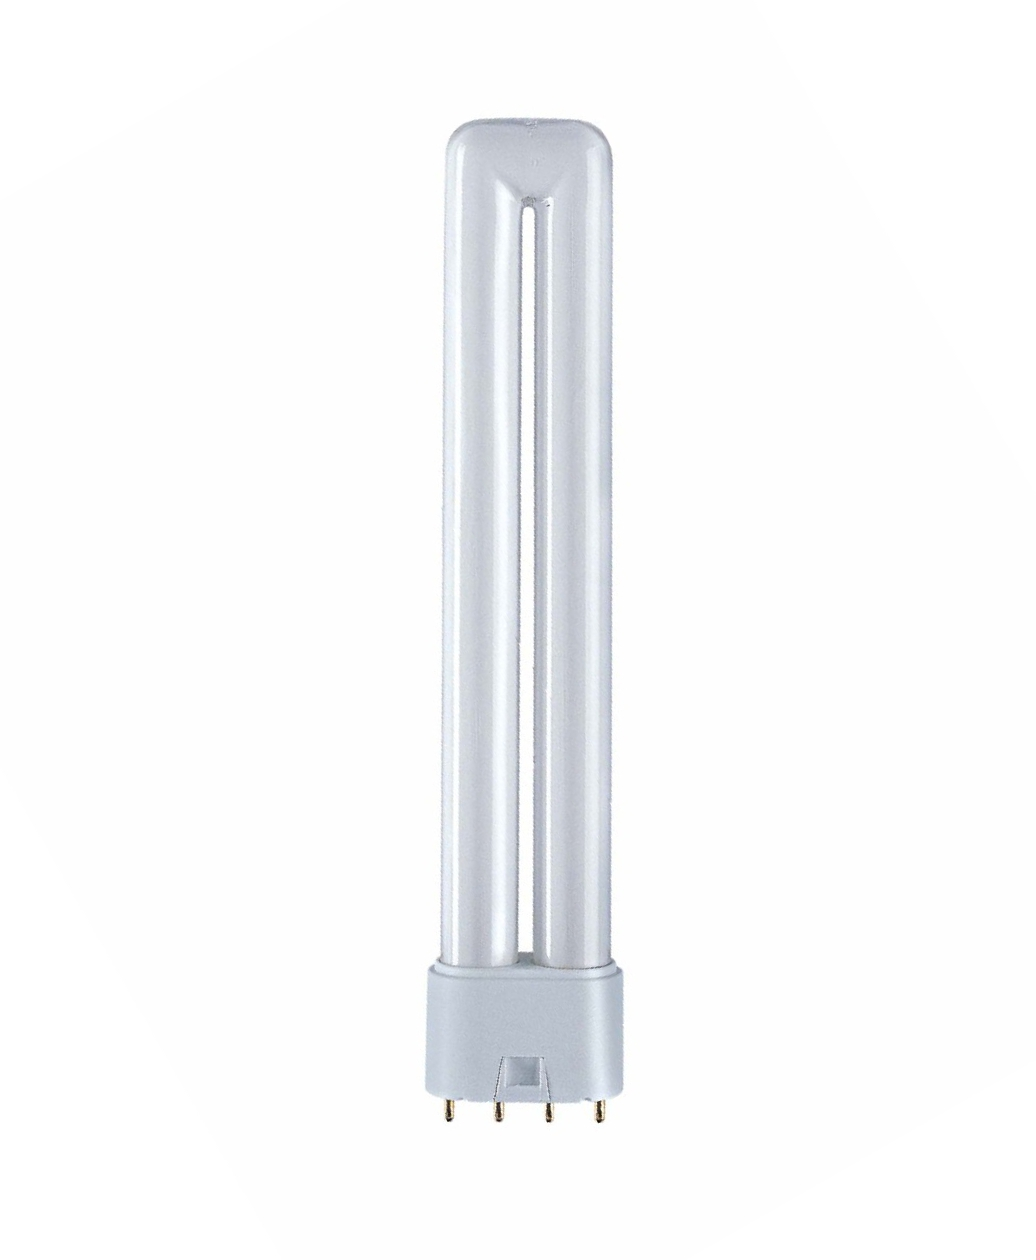 TC-L 36W/830 2G11, Warmweiß, Kompaktleuchtstofflampe